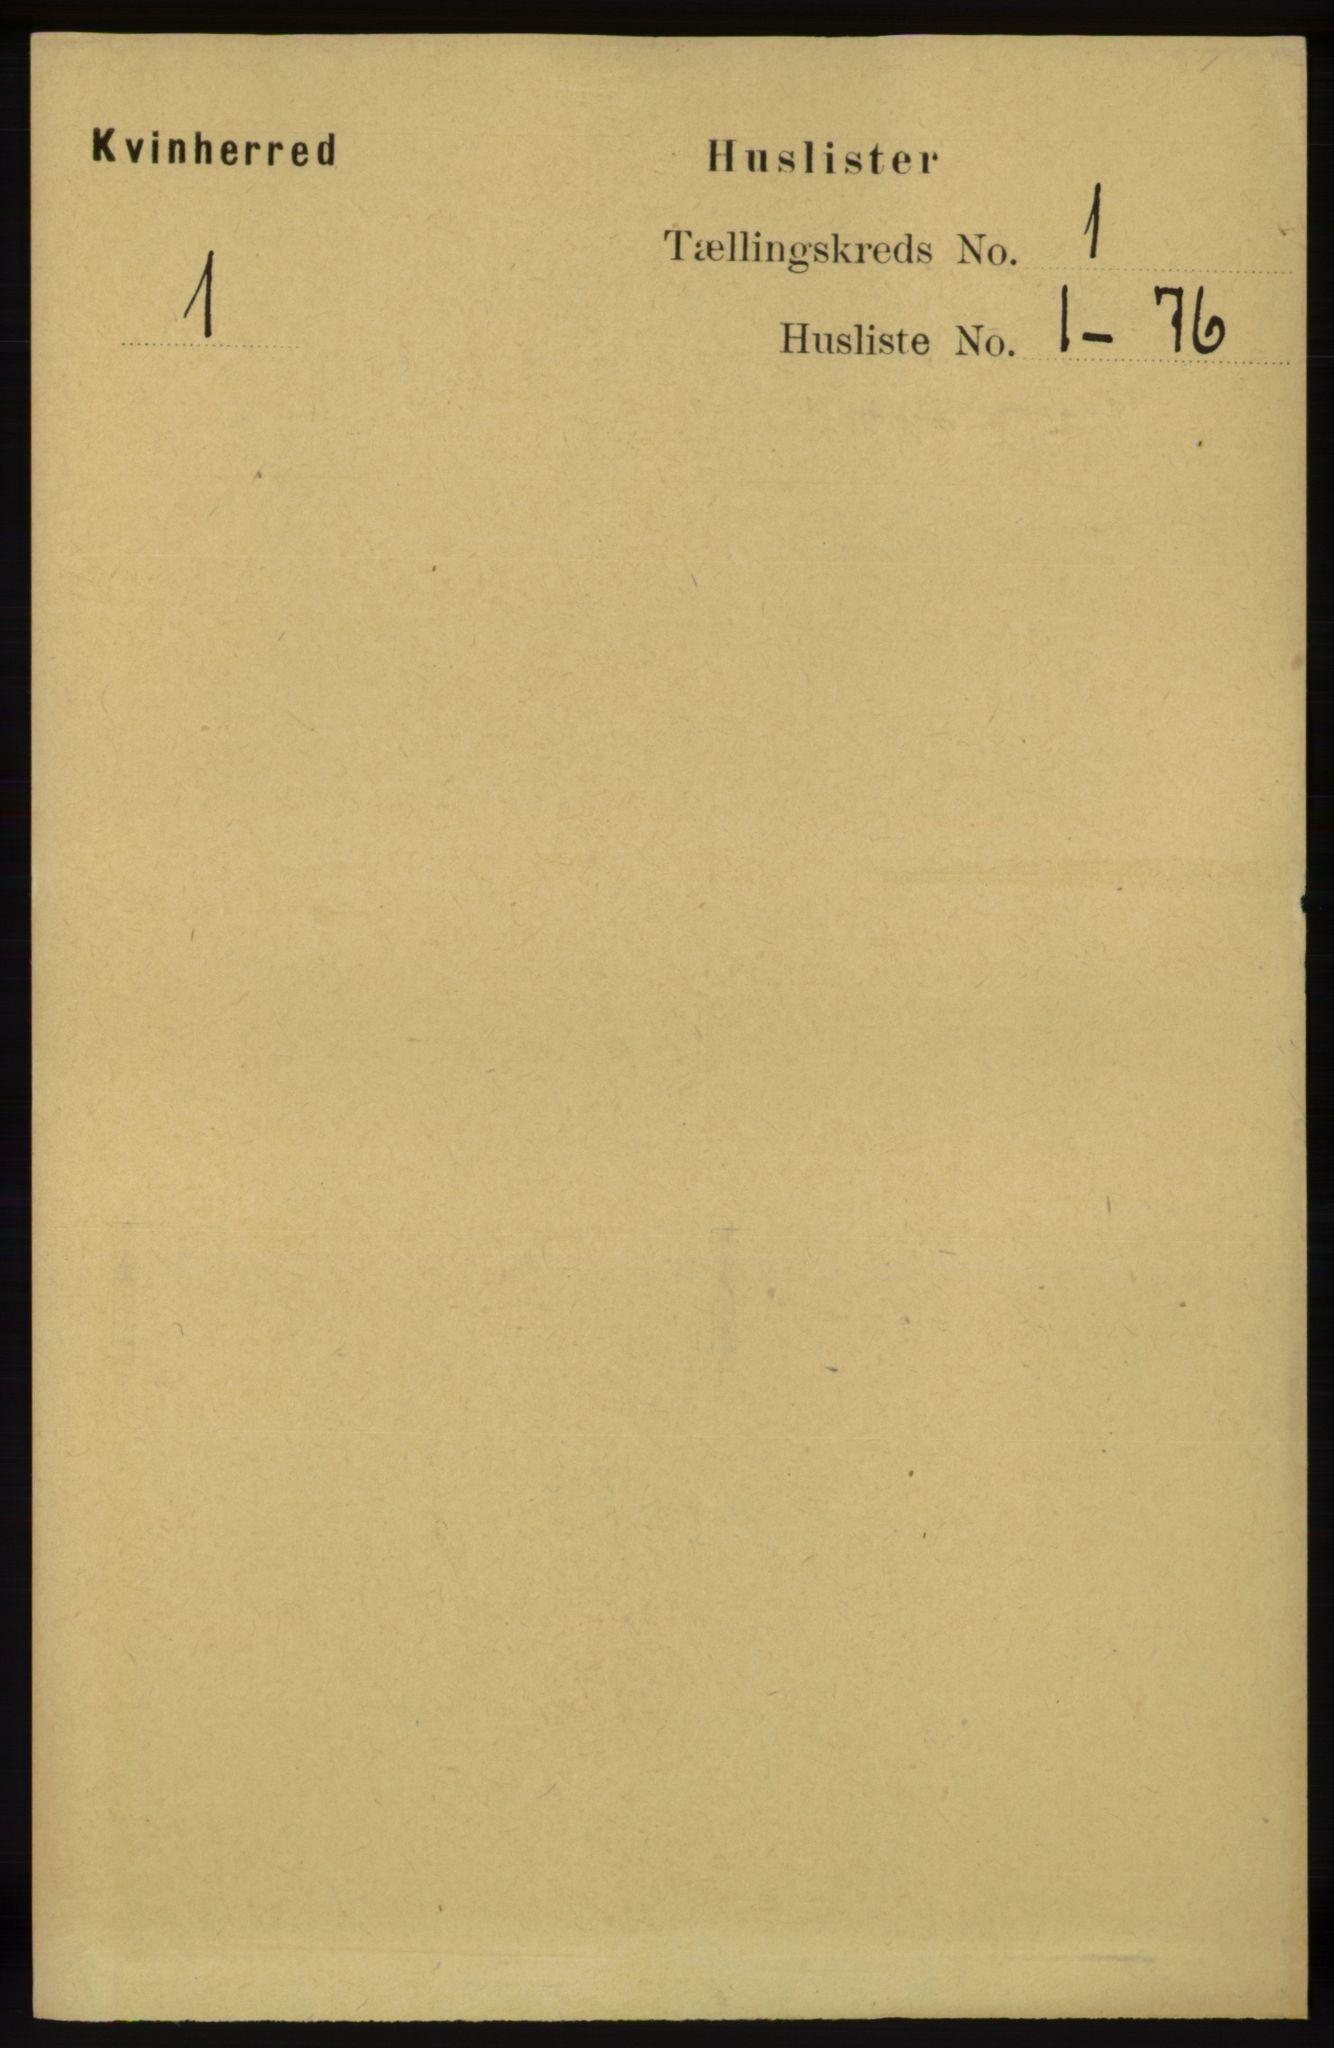 RA, Folketelling 1891 for 1224 Kvinnherad herred, 1891, s. 41